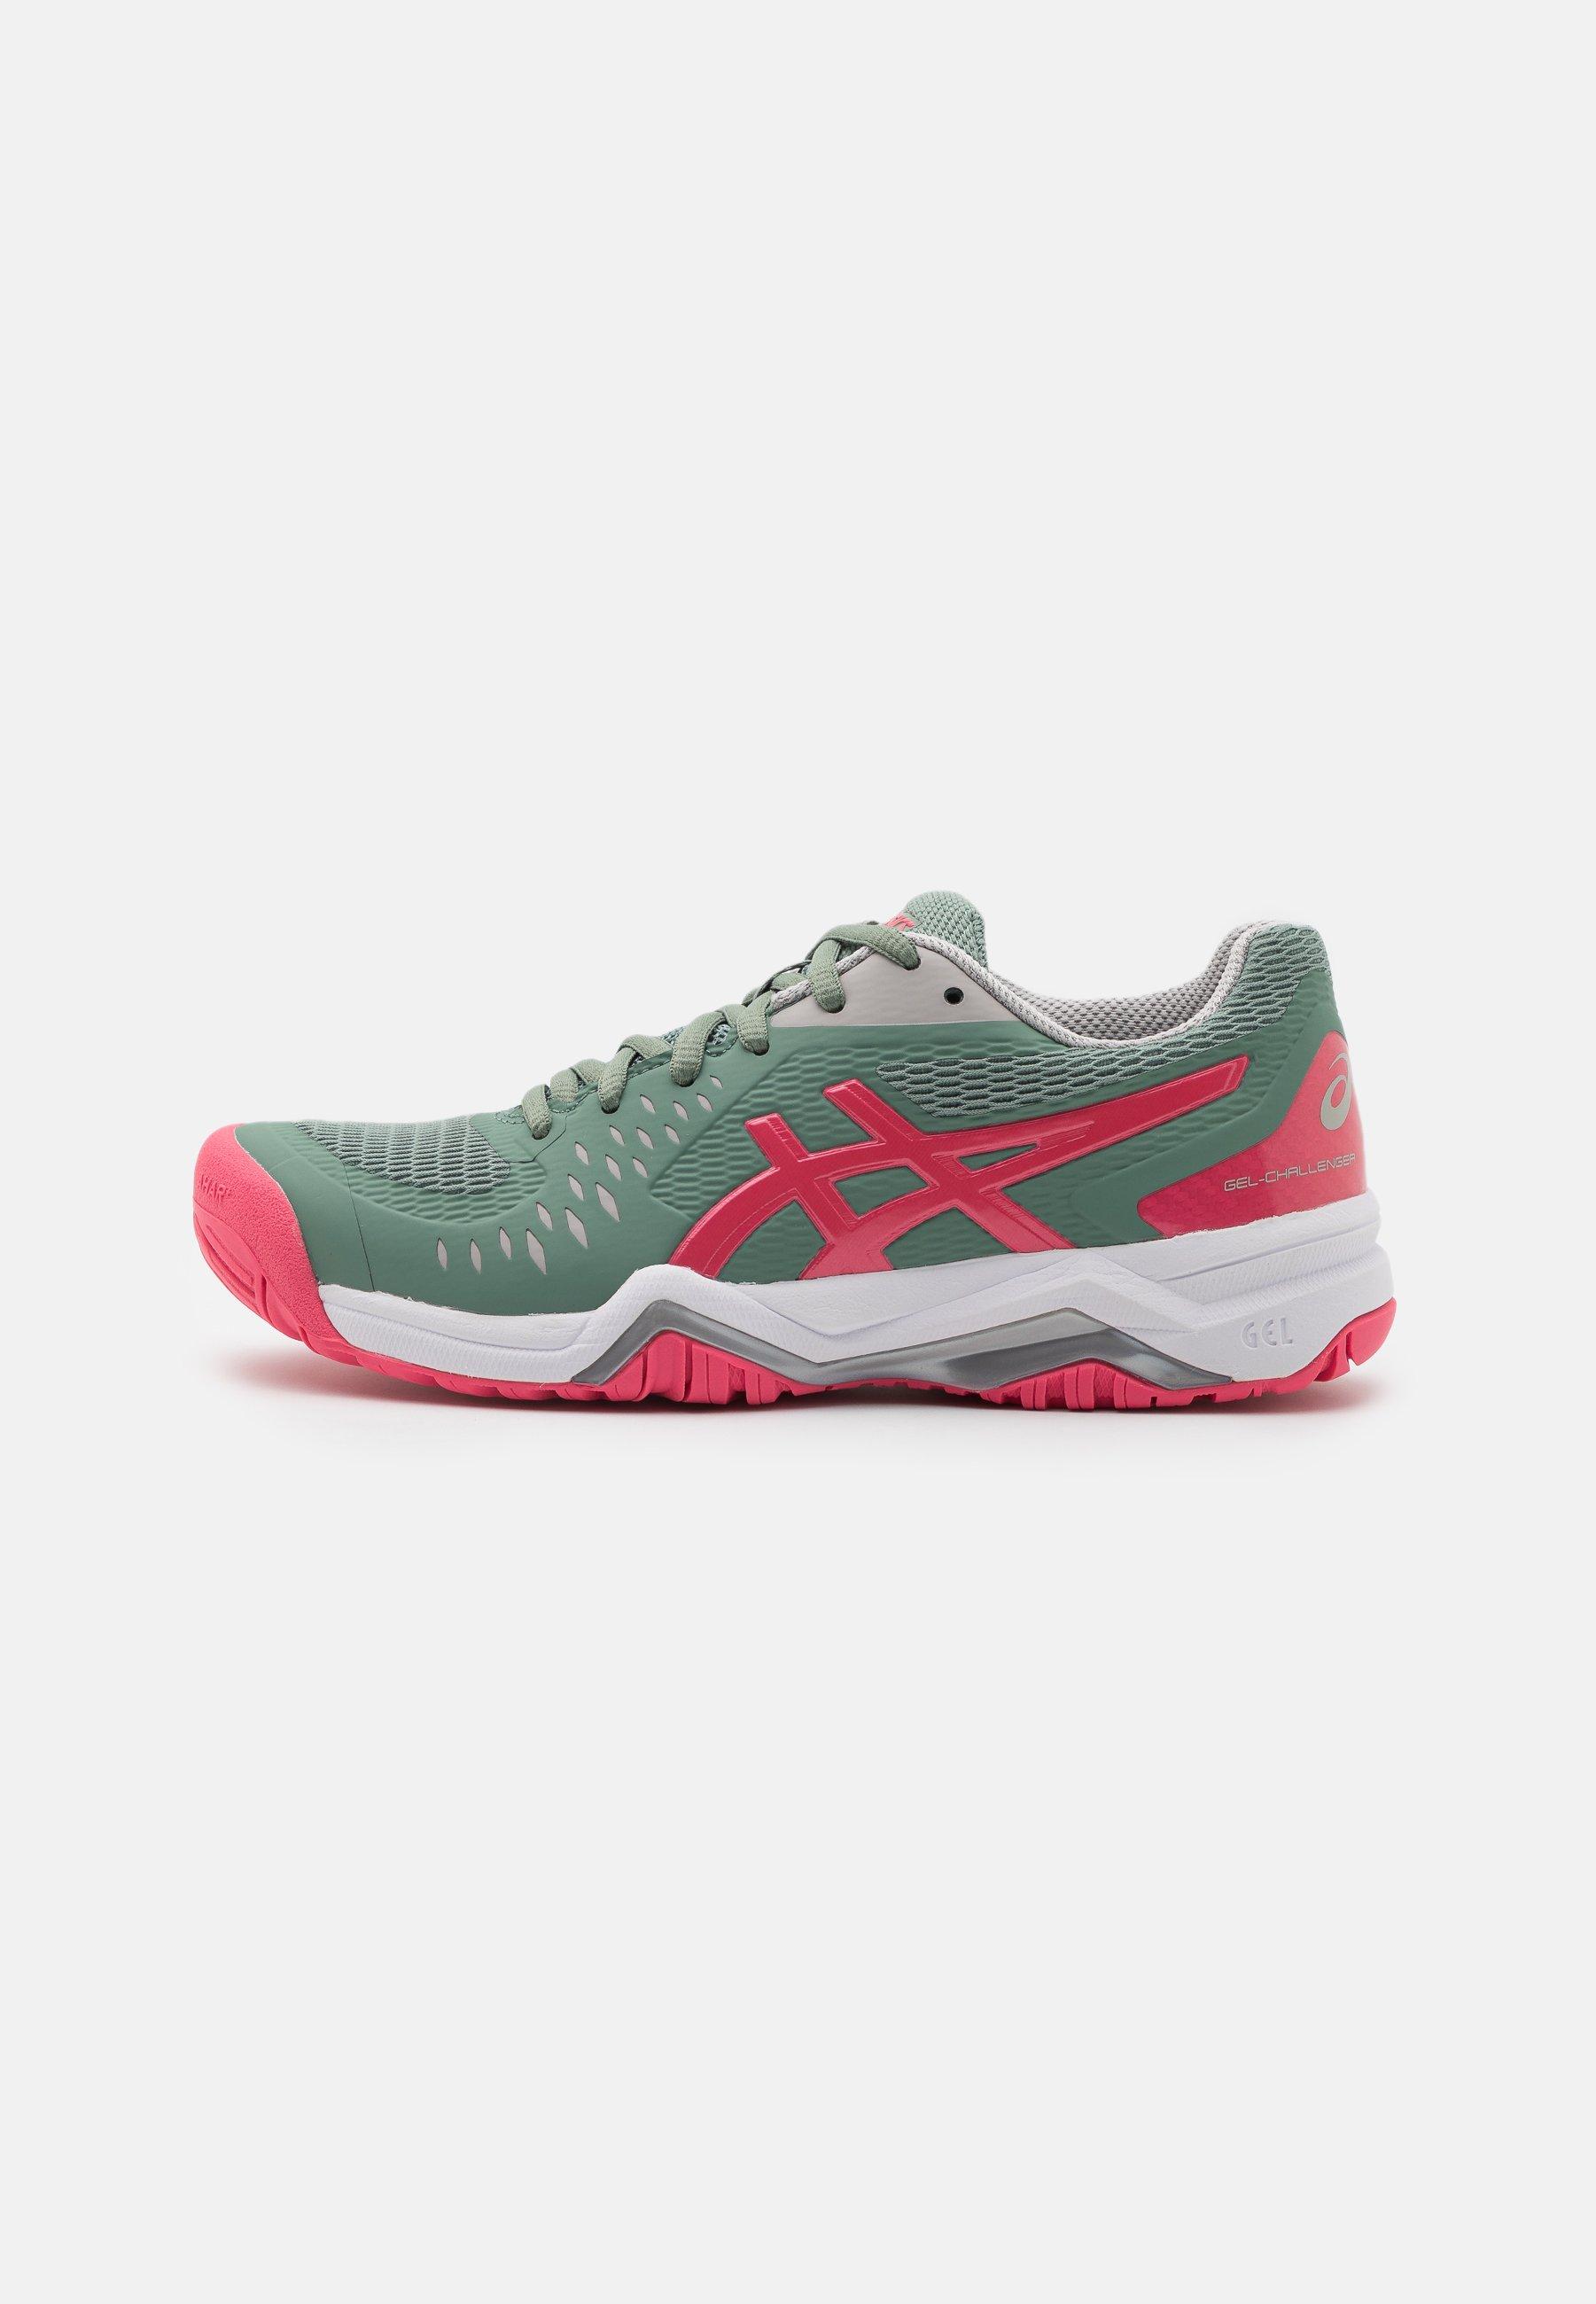 Femme GEL-CHALLENGER 12 - Chaussures de tennis toutes surfaces